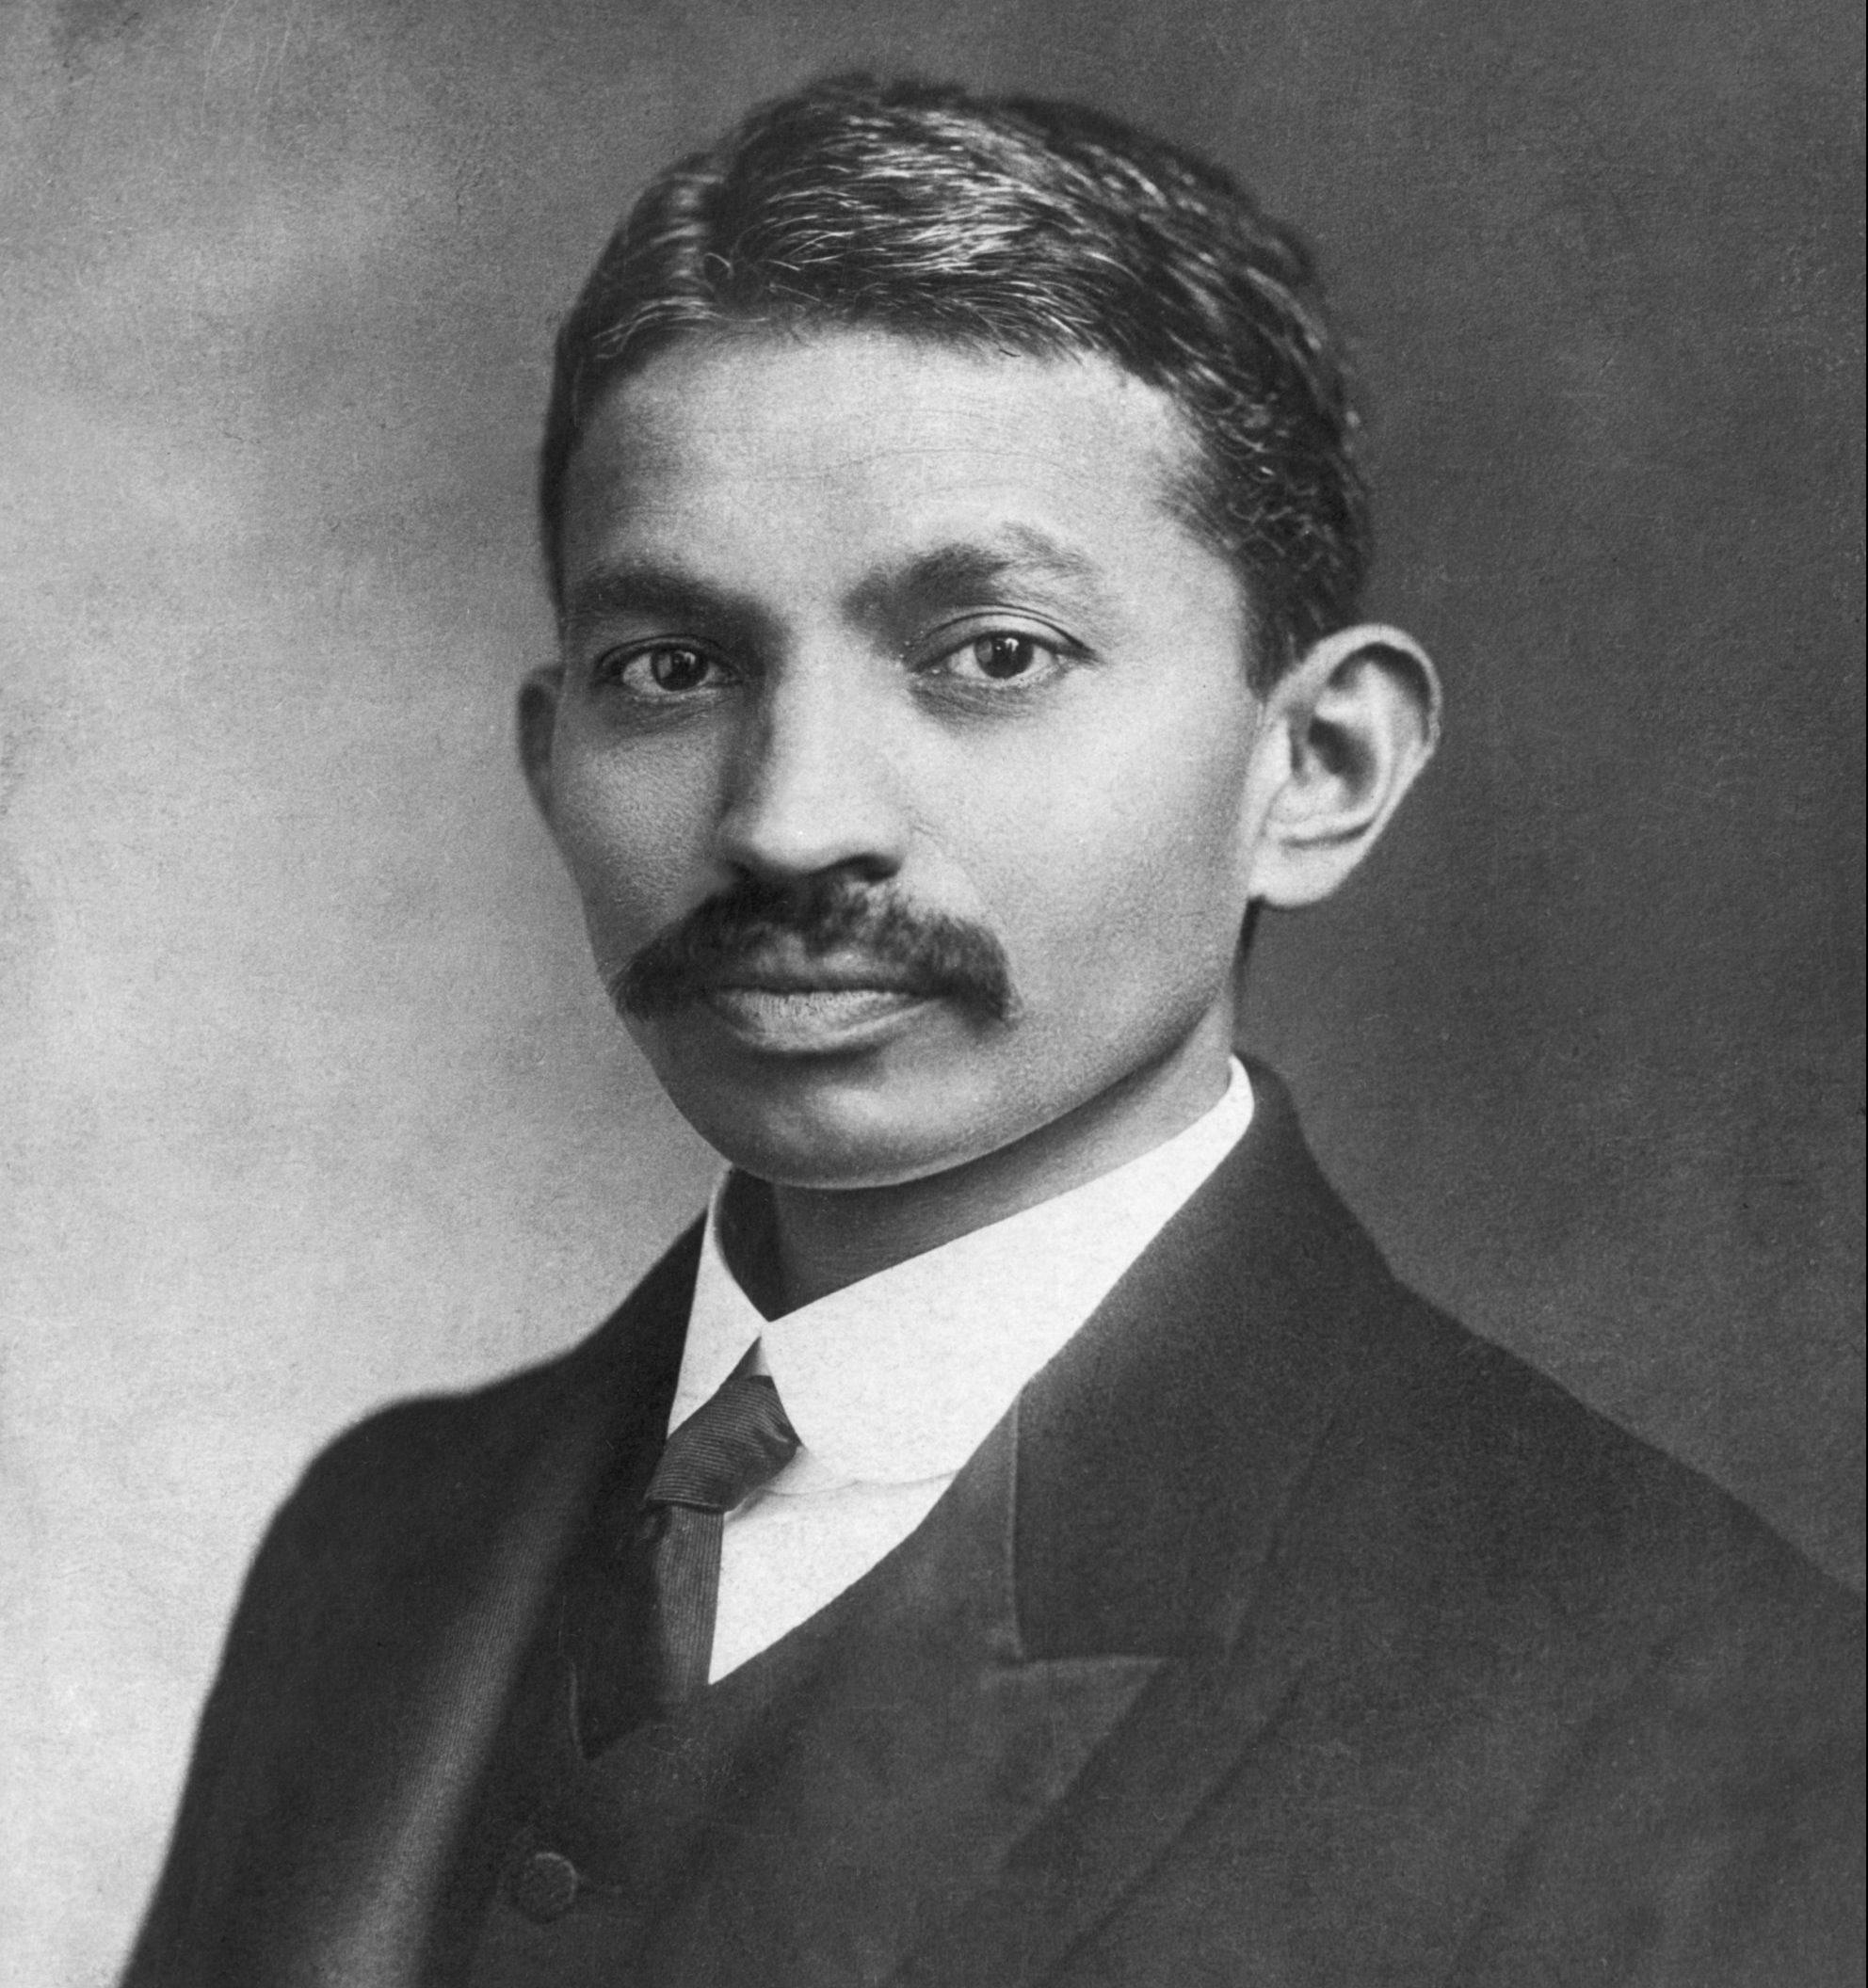 Early Photo Of Mahama Gandhi